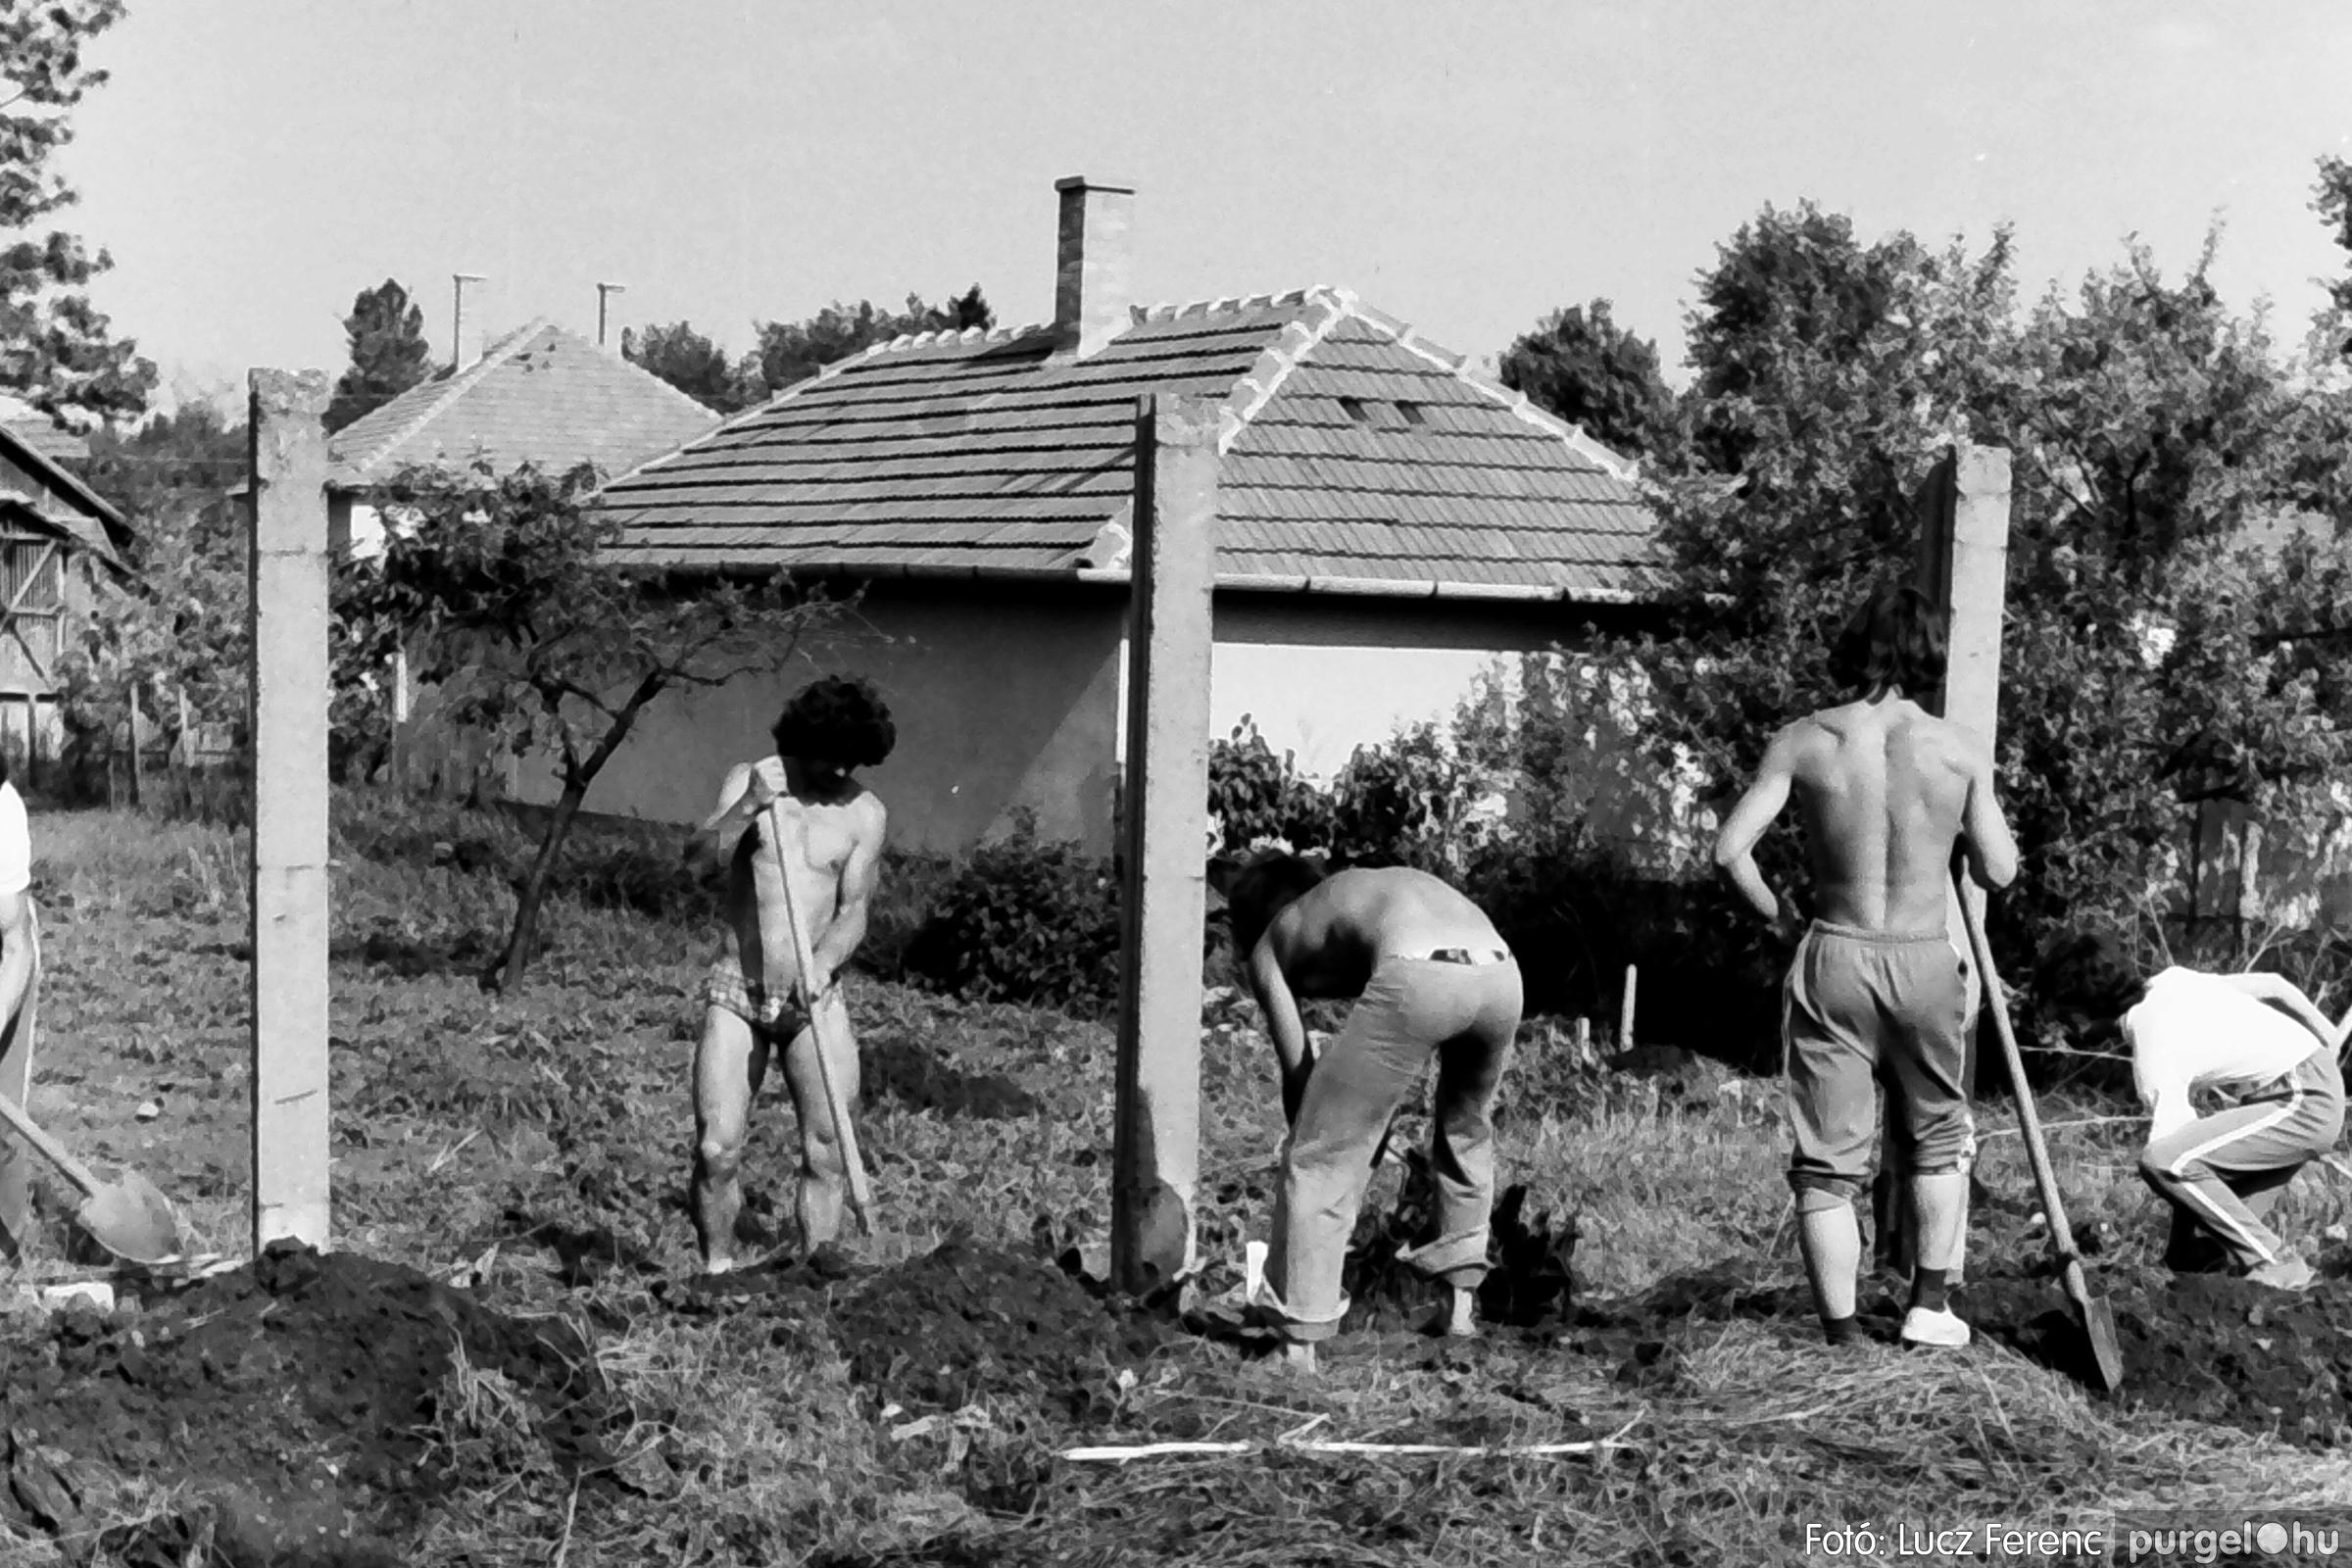 048, 051. 1976. Társadalmi munka 011. - Fotó: Lucz Ferenc.jpg